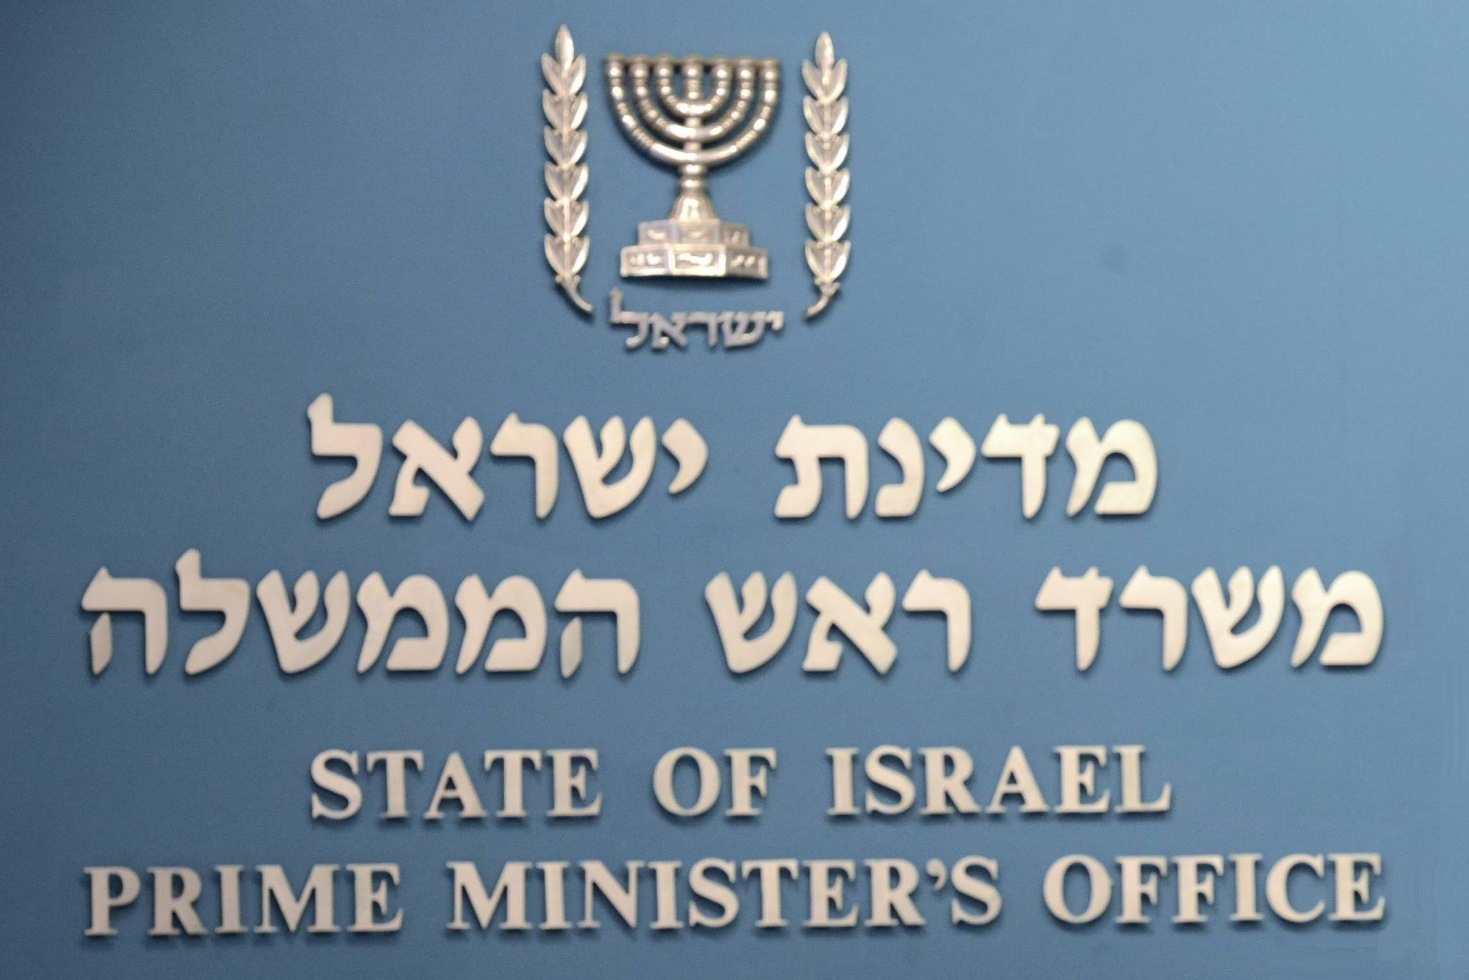 """בלי היתר בנייה ובניגוד לחוק: משרד רה""""מ בונה סככה ענקית בירושלים"""